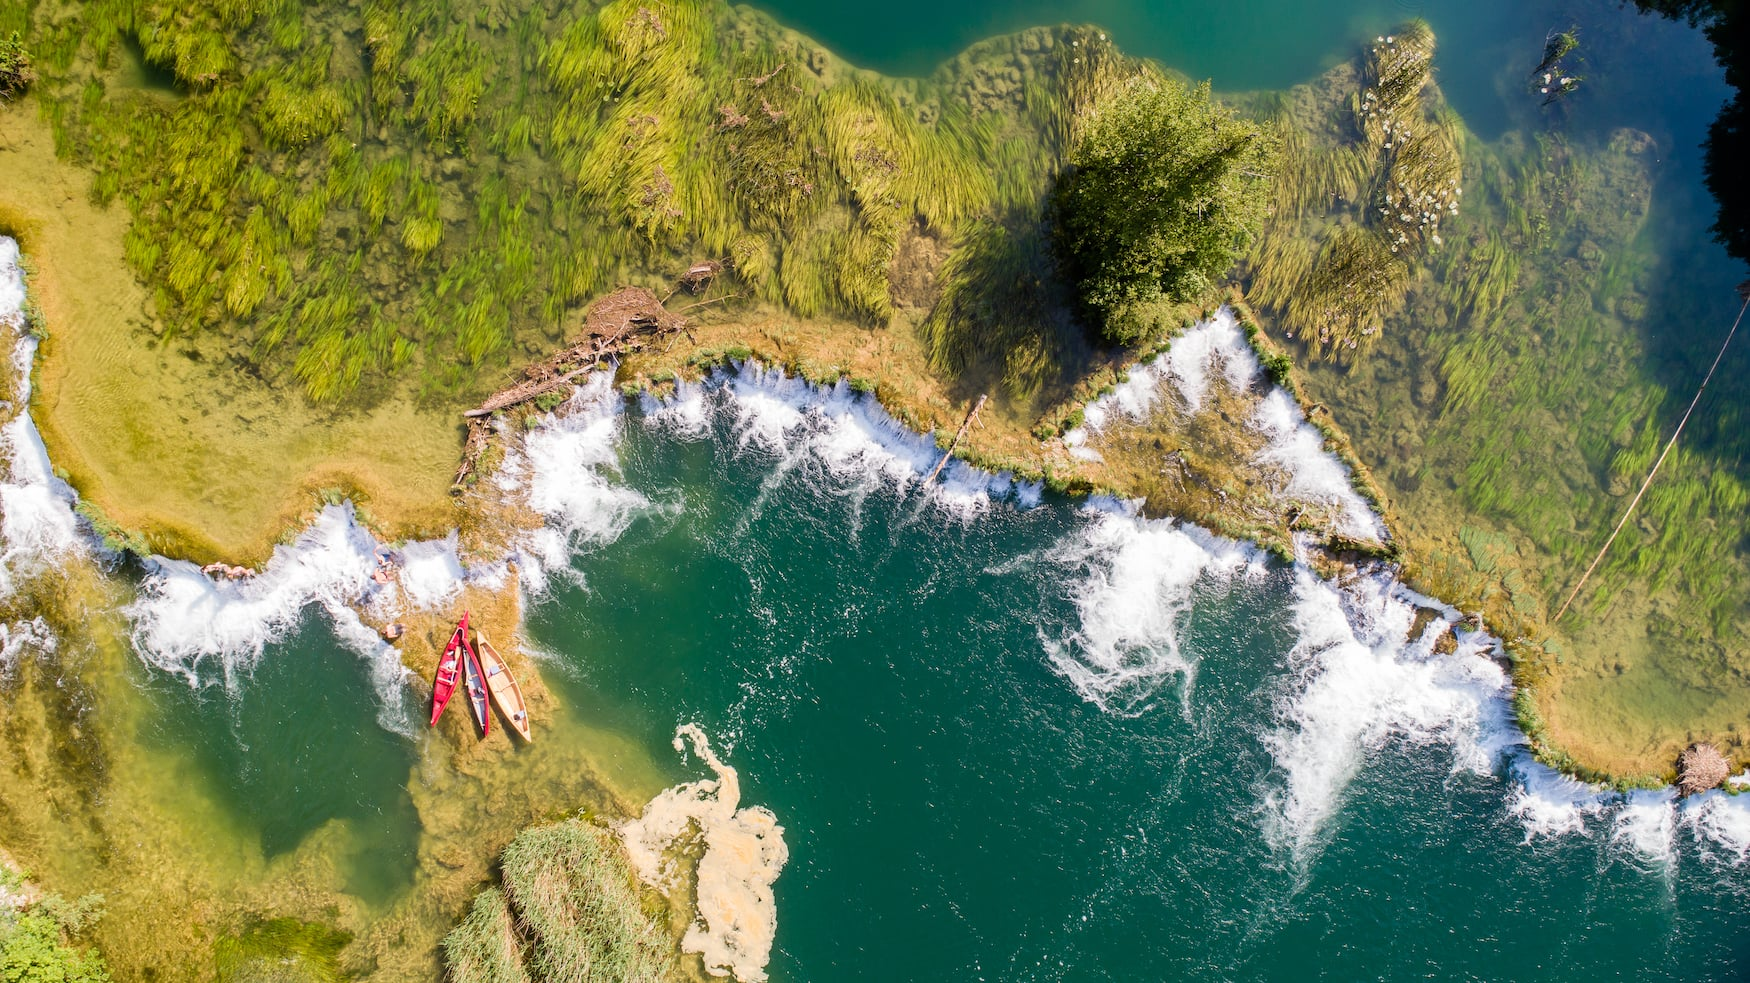 Bei einem Aktivurlaub in Kroatien gehört eine Kanutour über den Mreznica-Fluss dazu